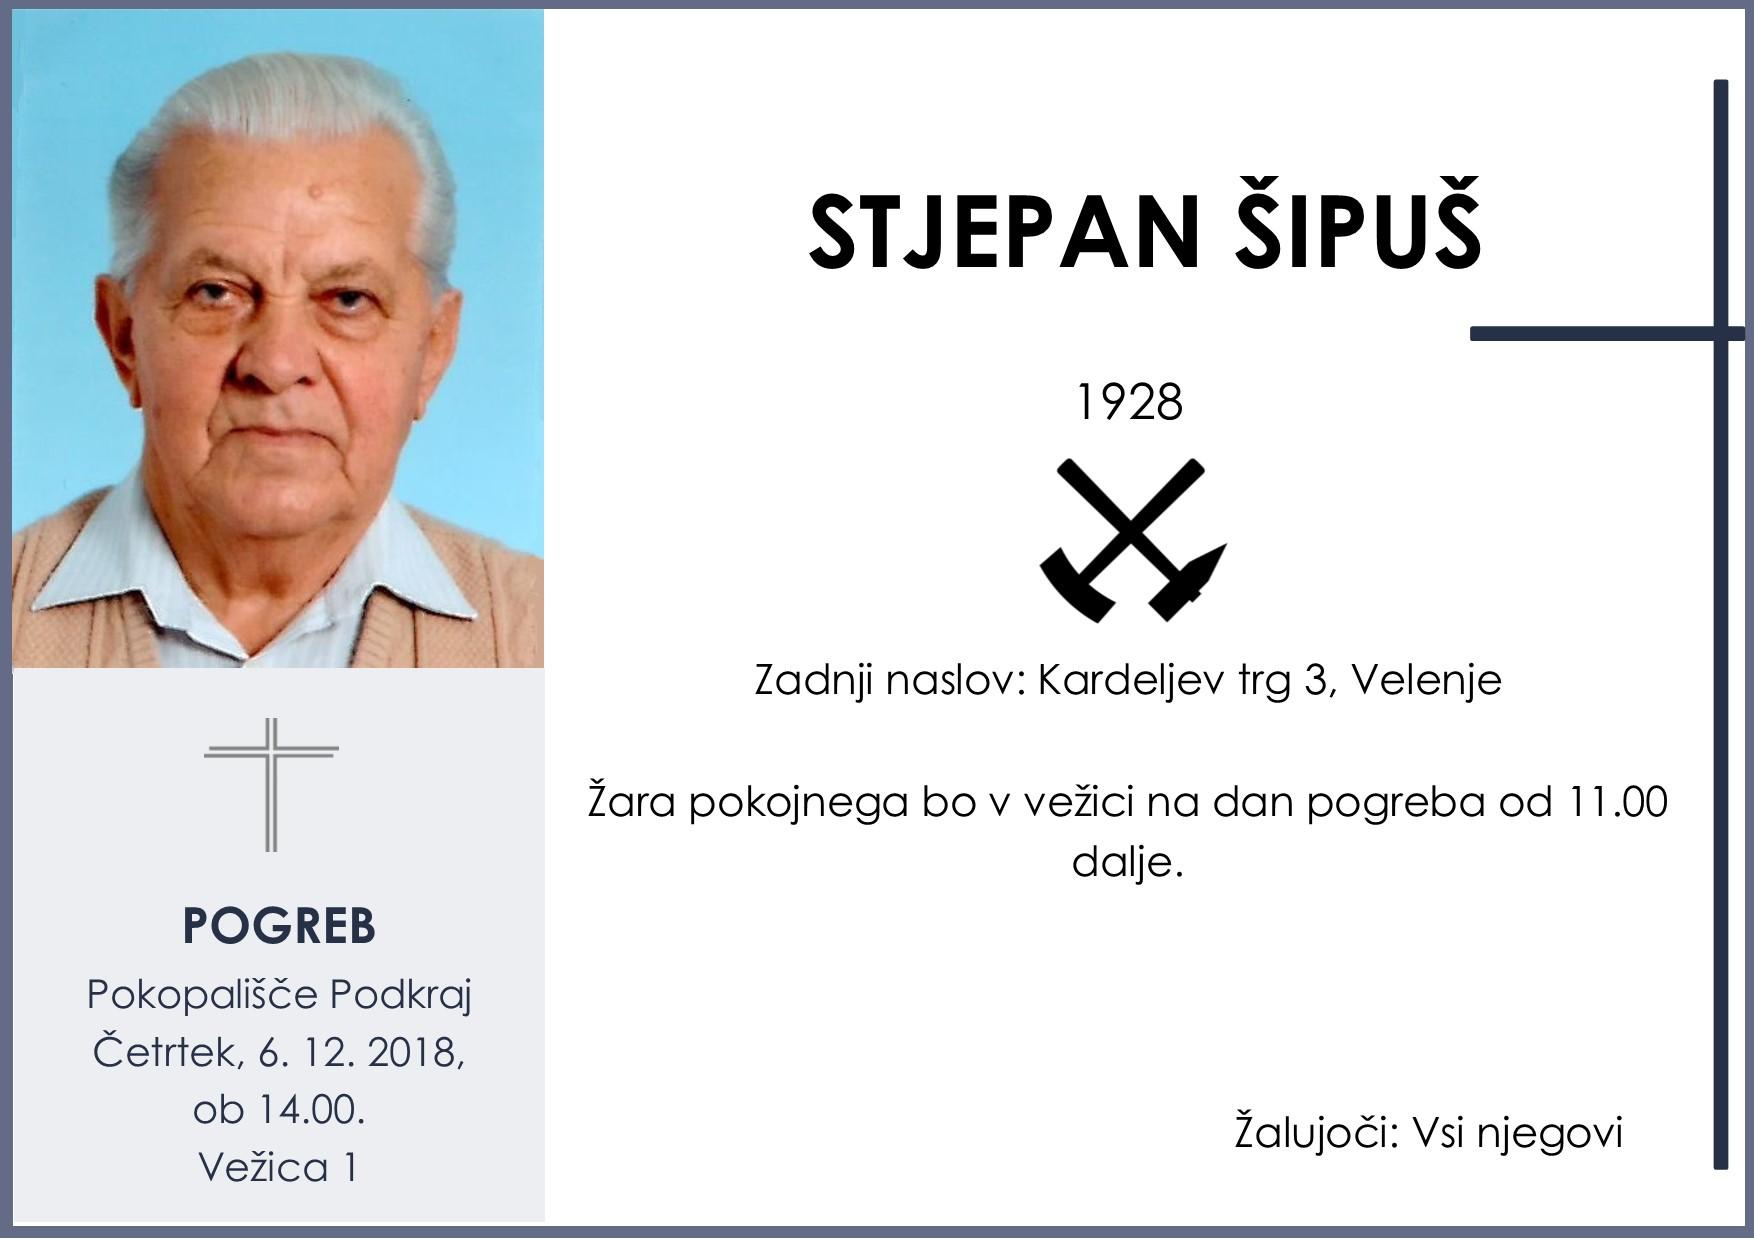 STJEPAN ŠIPUŠ, Podkraj, 06. 12. 2018